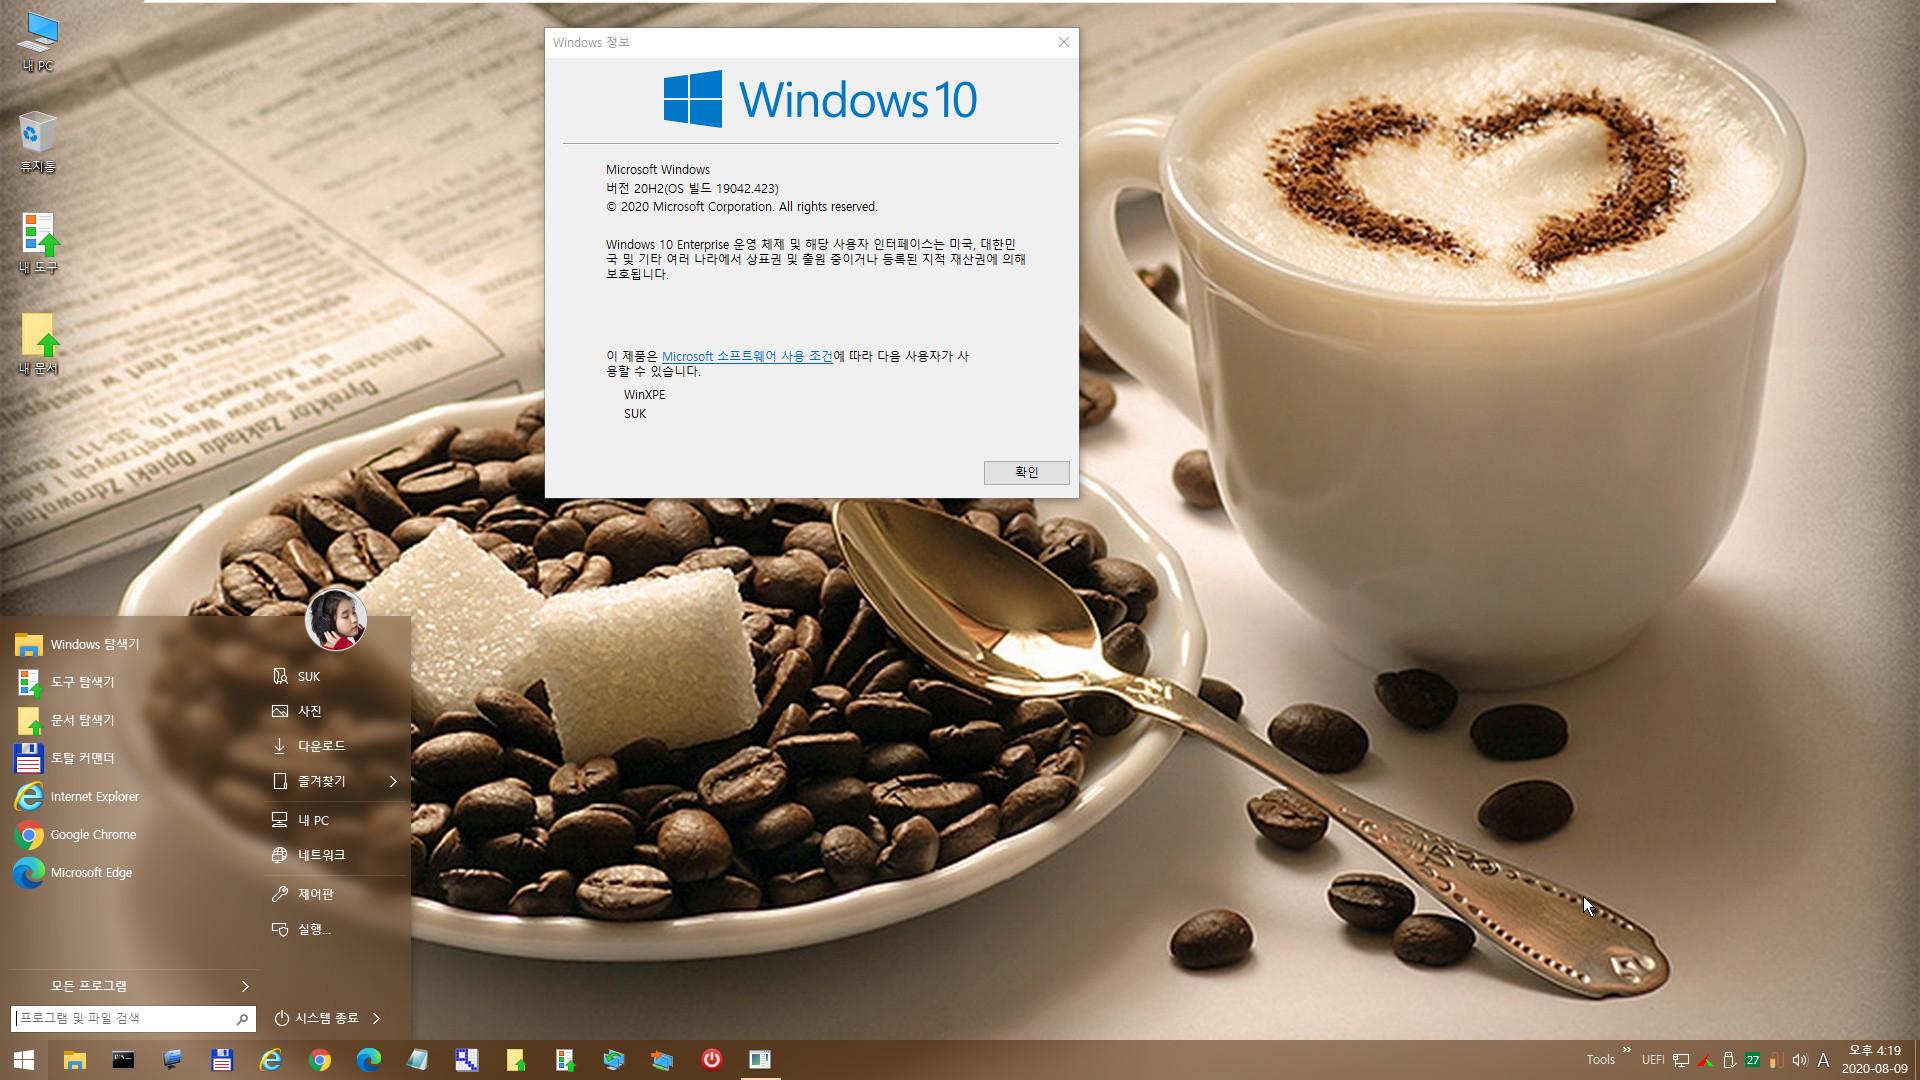 Win10XPE81으로 PE 만들기 테스트 - Windows 10 버전 20H2,19042.423 iso 사용 2020-08-09_161946.jpg